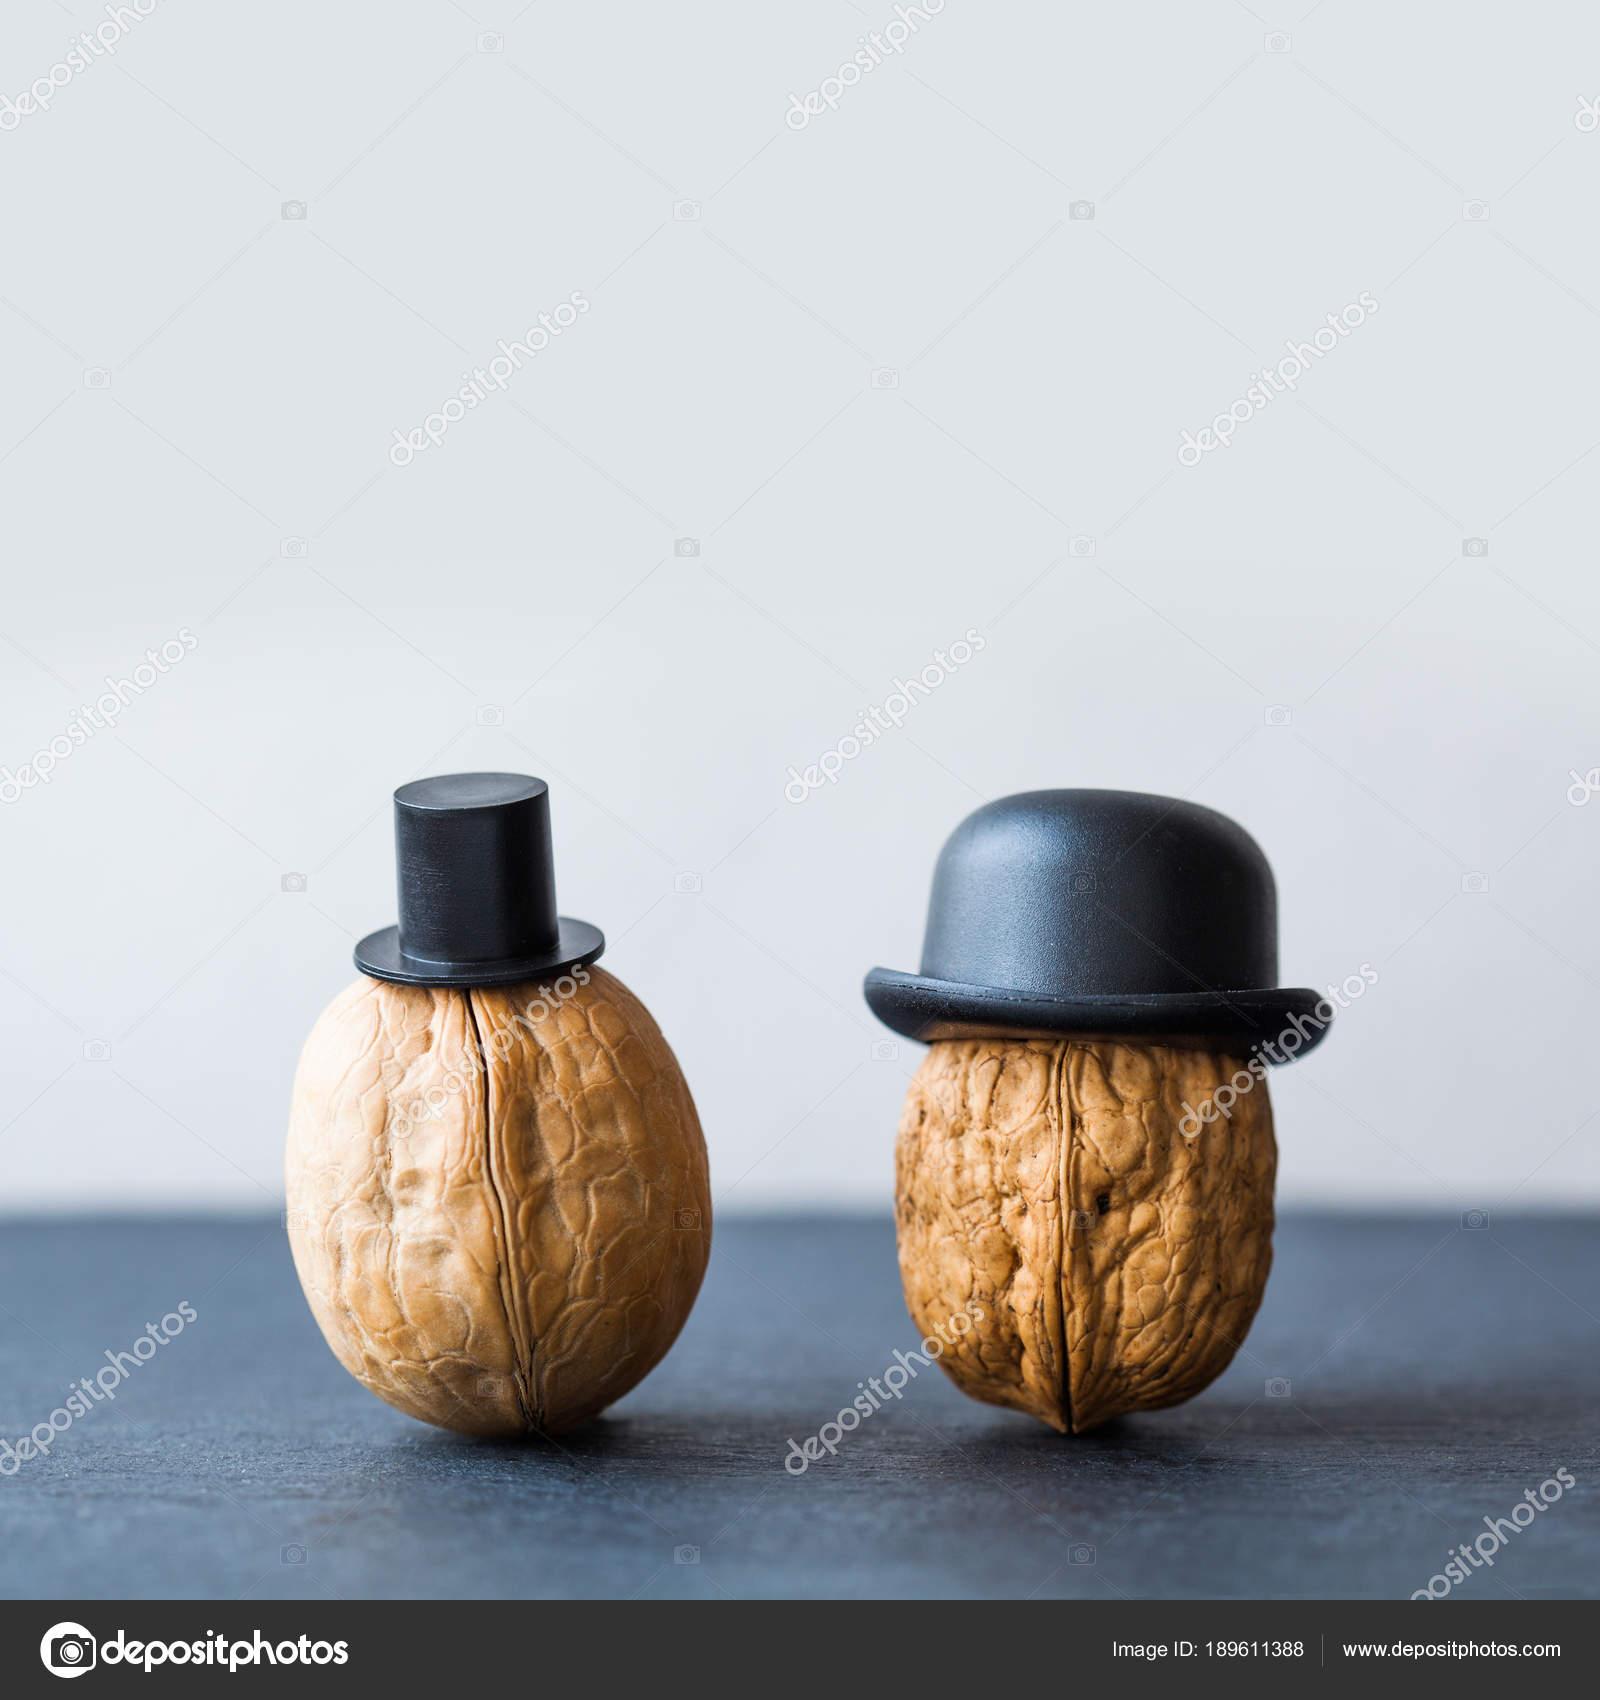 Awesome Nuss Gentleman Nussbaum Schwarze Hüte Auf Stein Hintergrund. Kreative Küche  Design Plakat. Makro